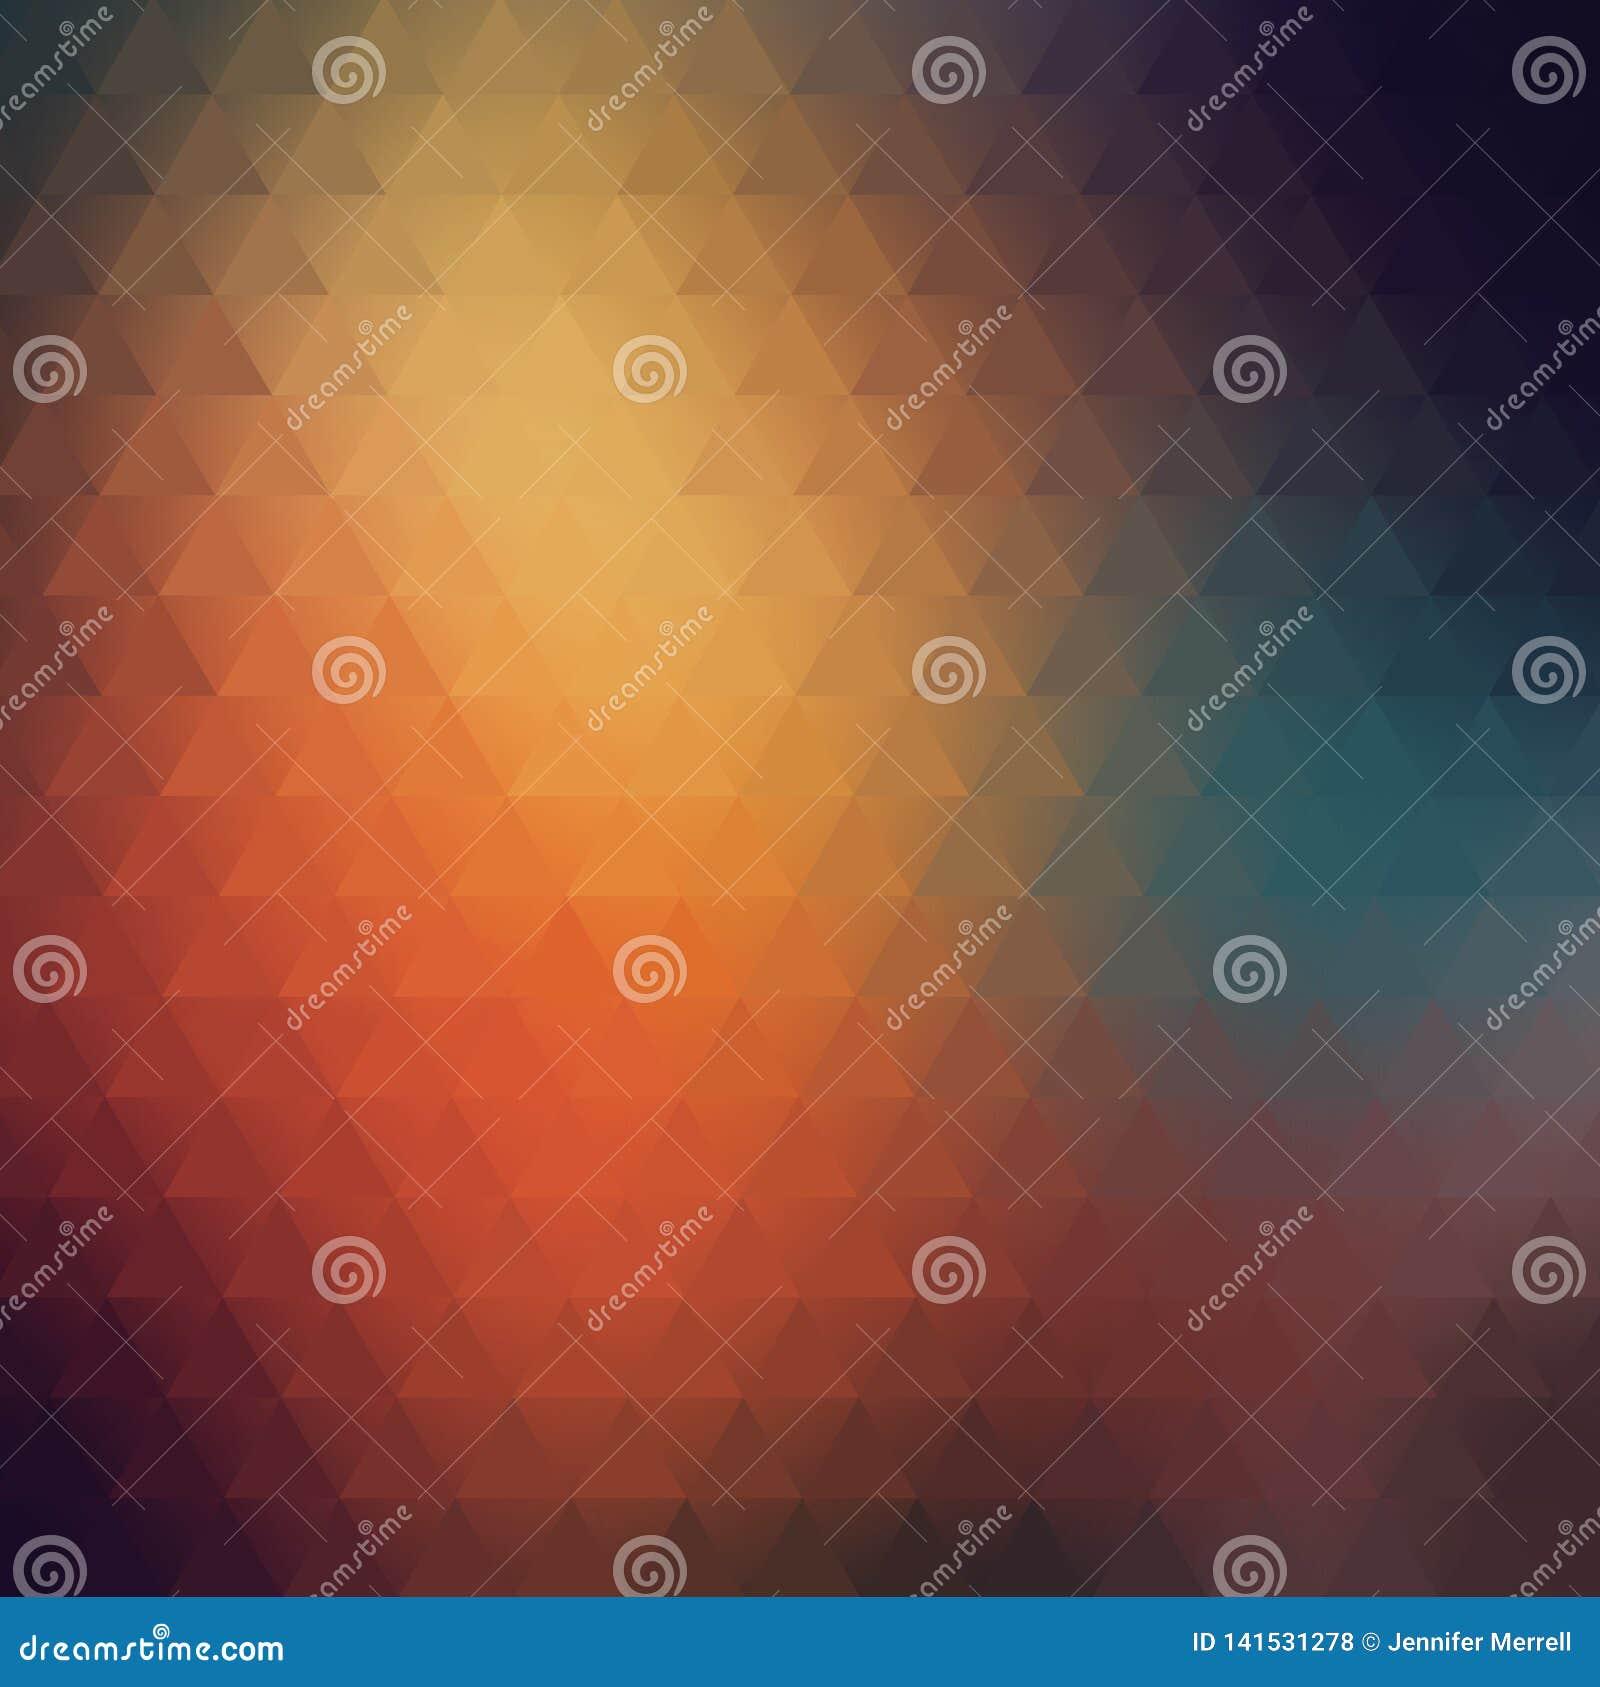 Γεωμετρικό τριγωνικό ζωηρόχρωμο μουτζουρωμένο αφηρημένο υπόβαθρο